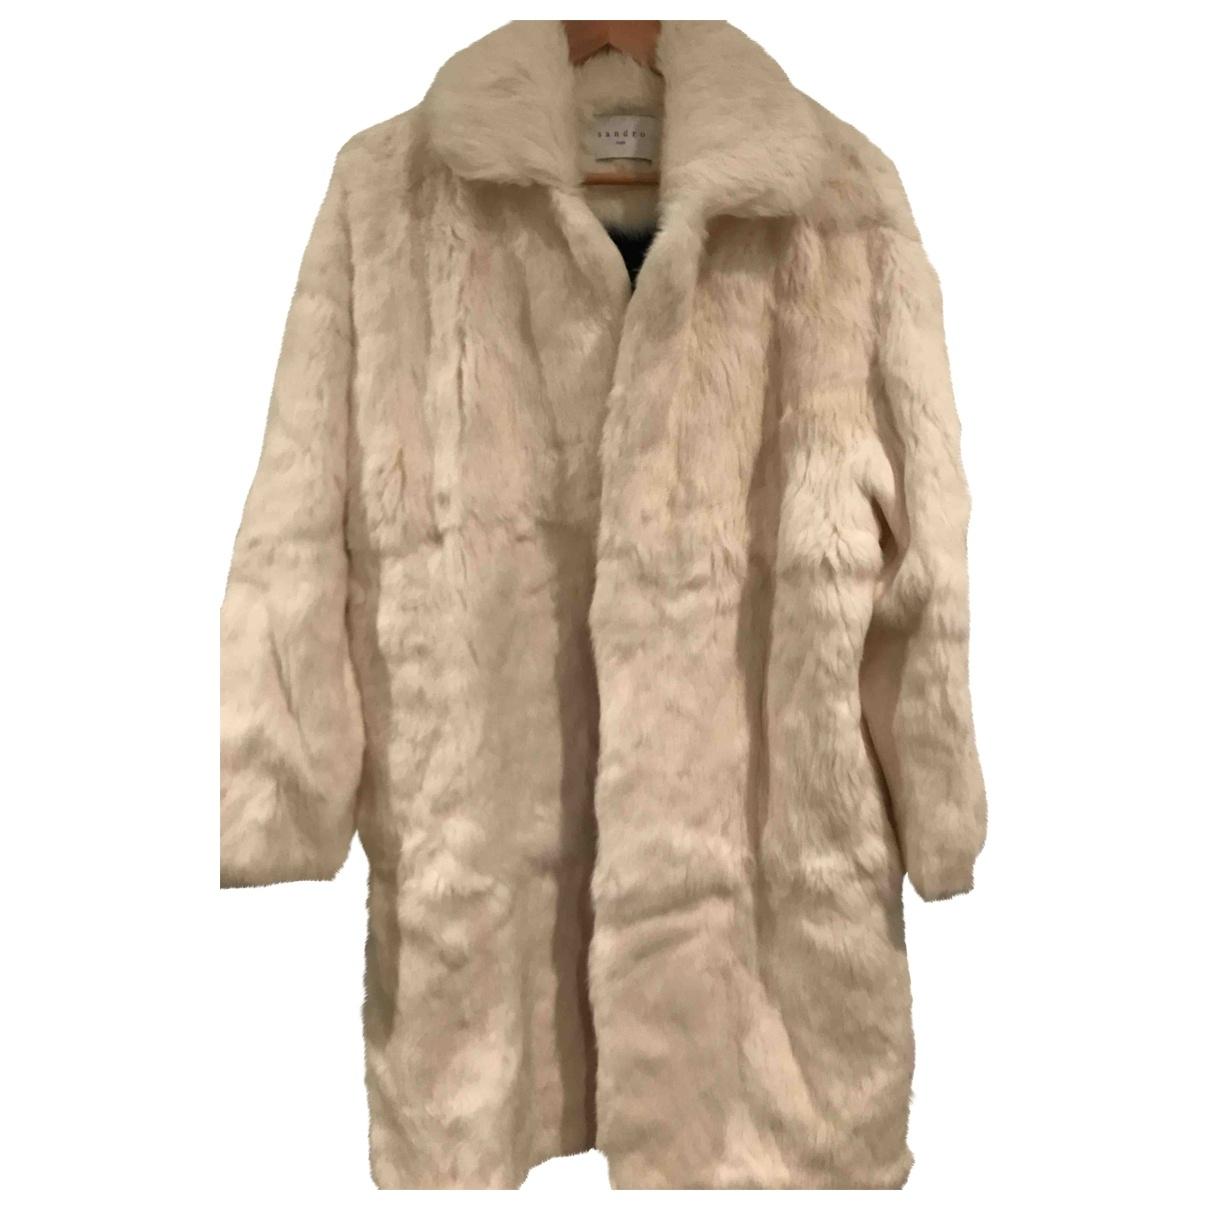 Sandro \N White Rabbit coat for Women 44 FR